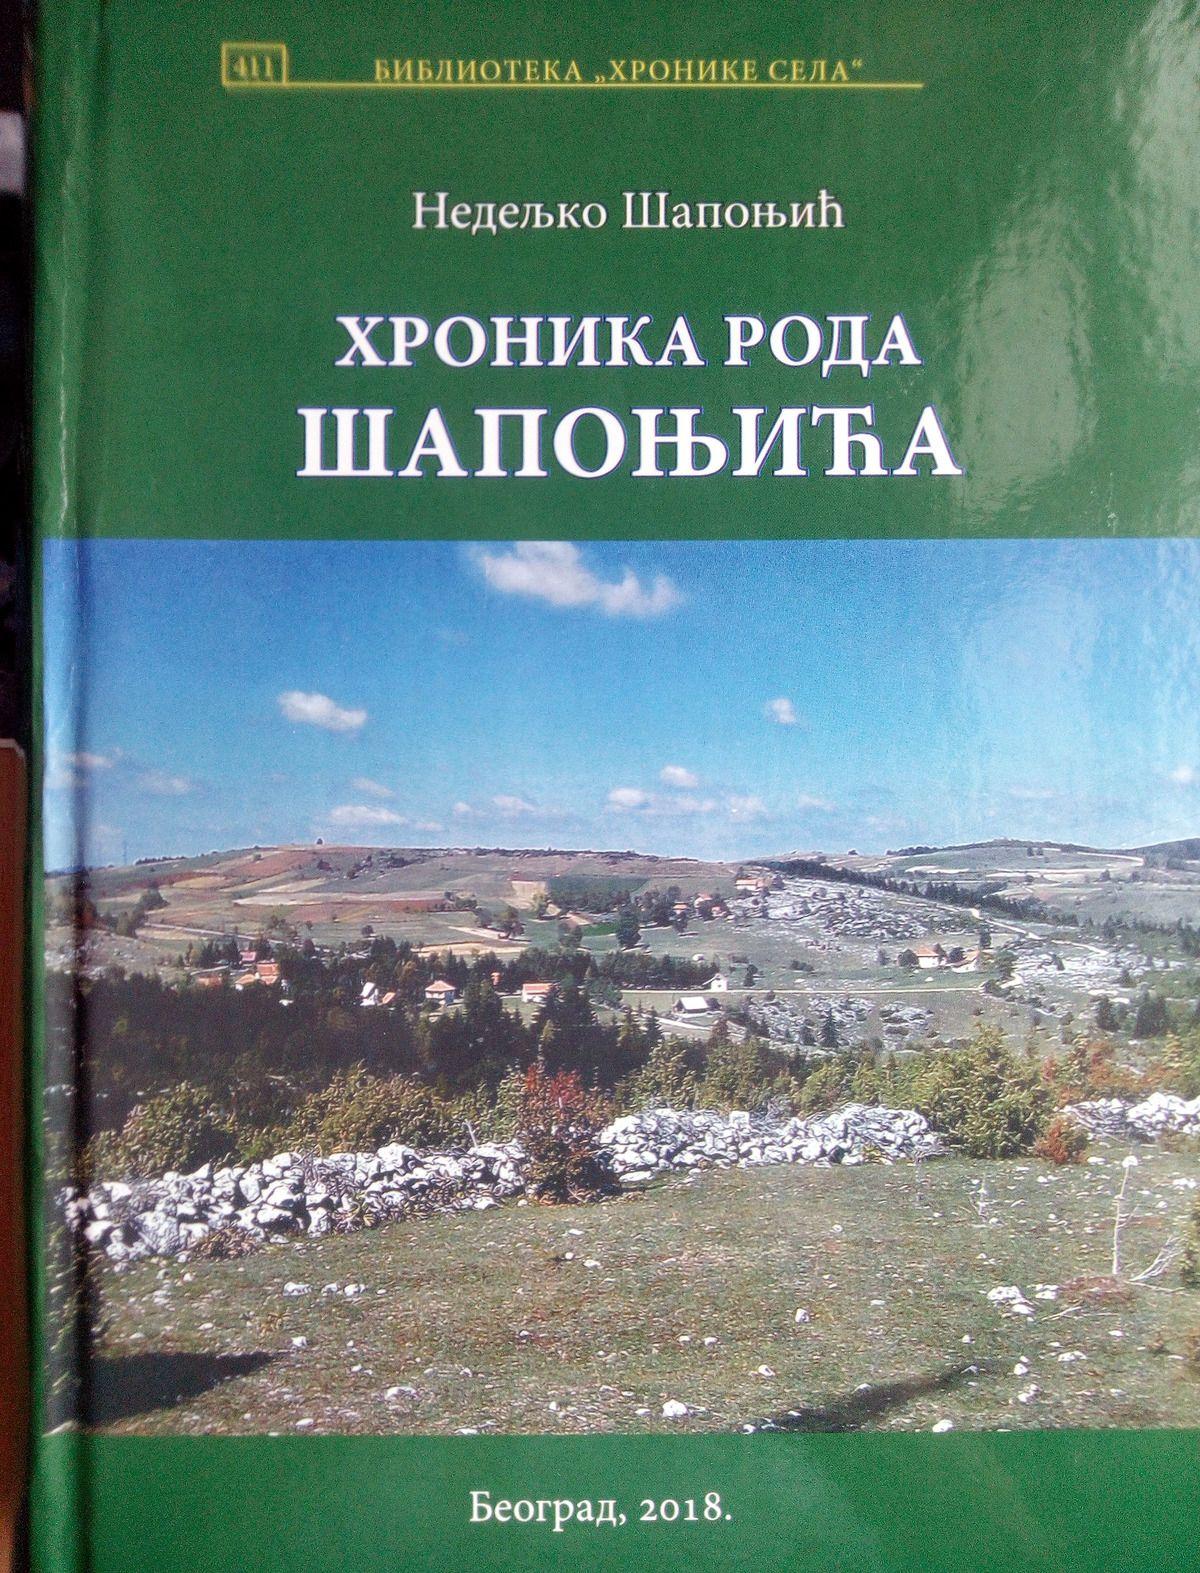 Обиље грађе о Шапоњићима у селима на левој обали Увца